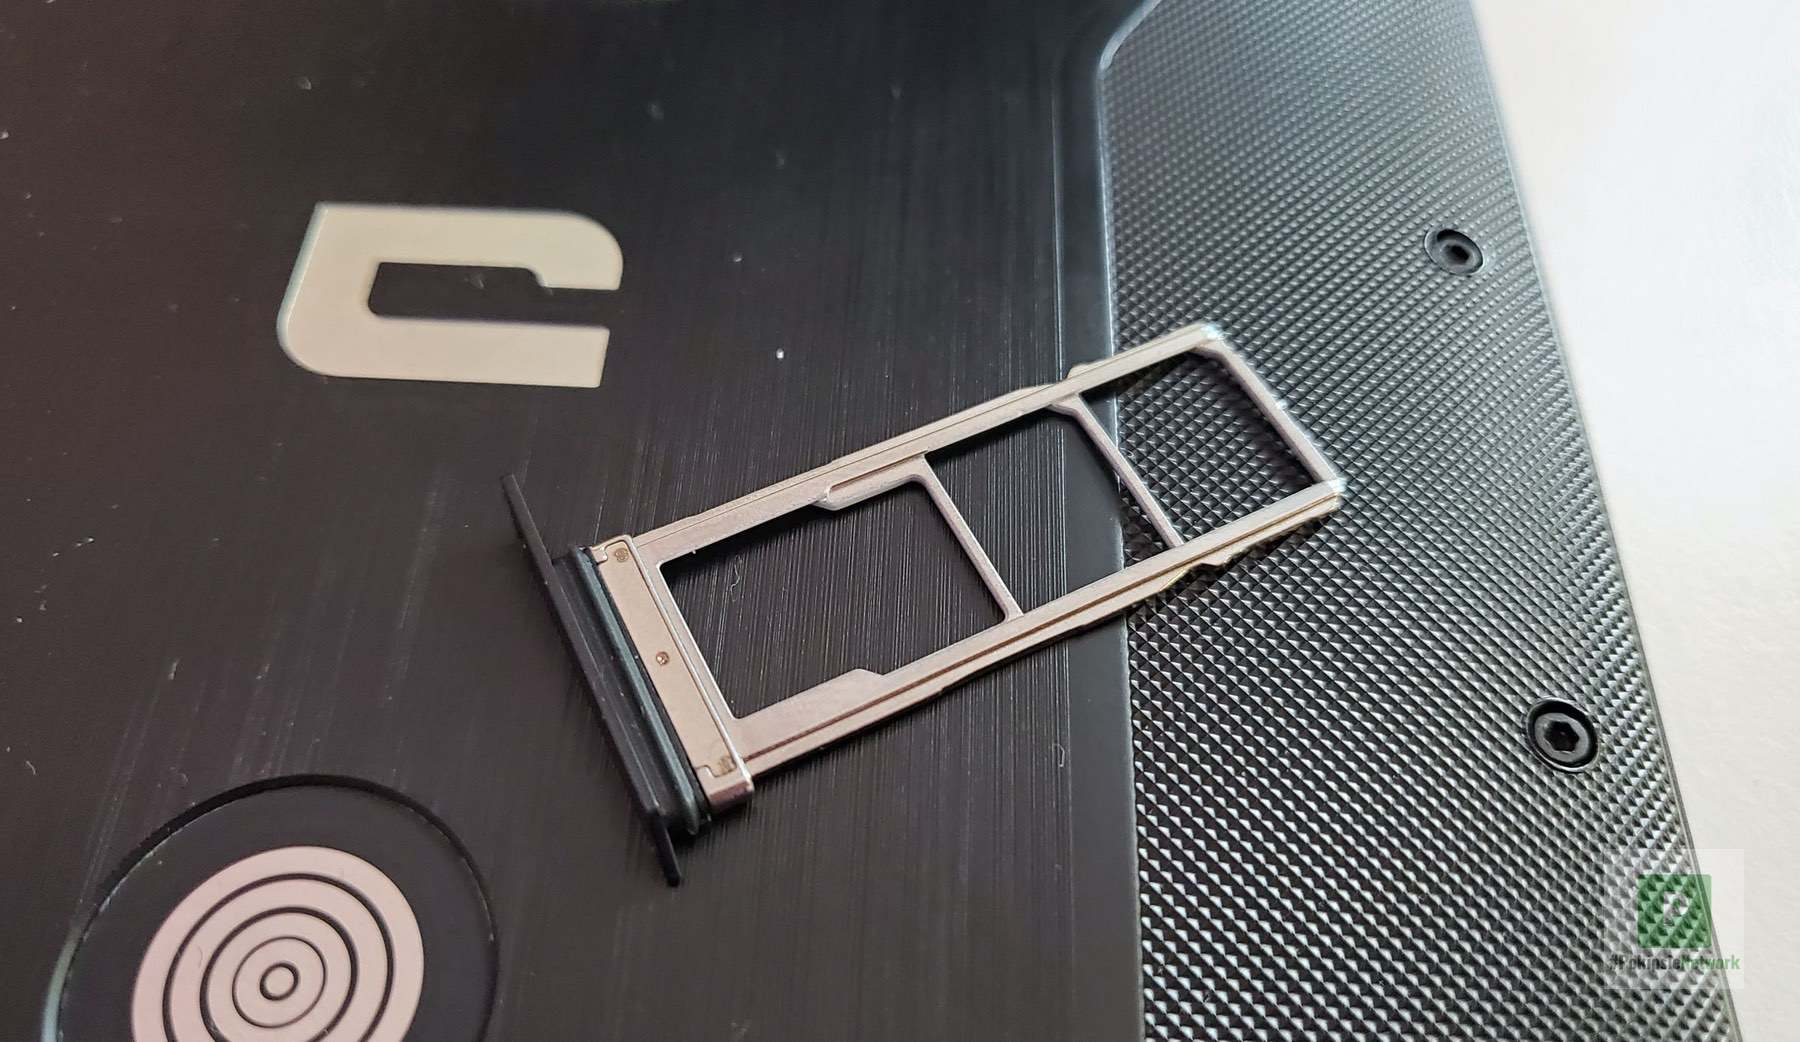 Zweimal nanoSIM- und einmal microSD-Kartenslot